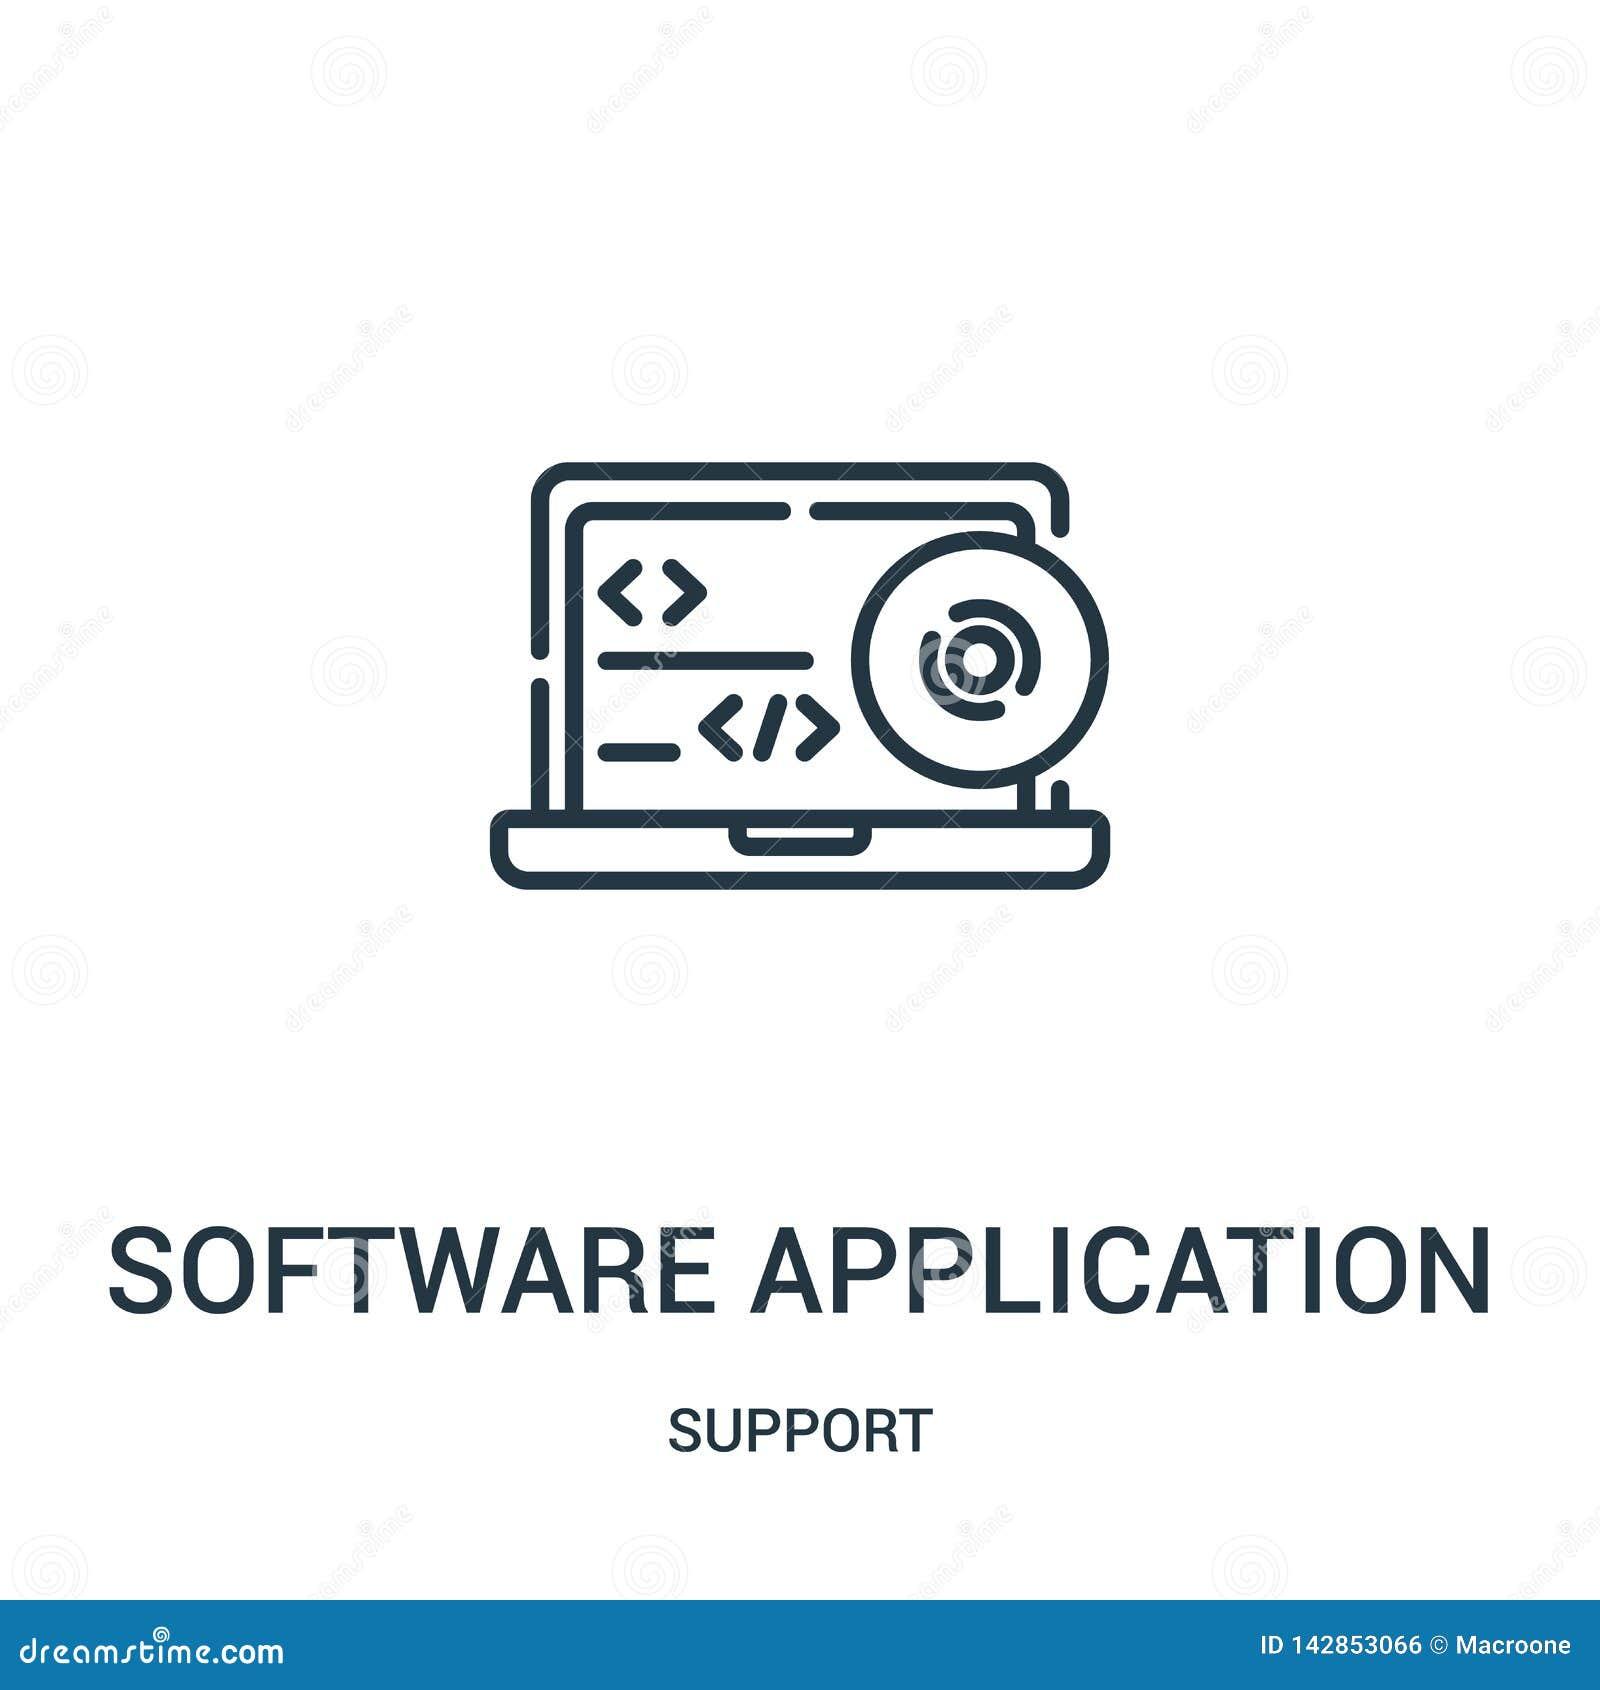 Vetor do ícone da aplicação de software da coleção do apoio Linha fina ilustração do vetor do ícone do esboço da aplicação de sof